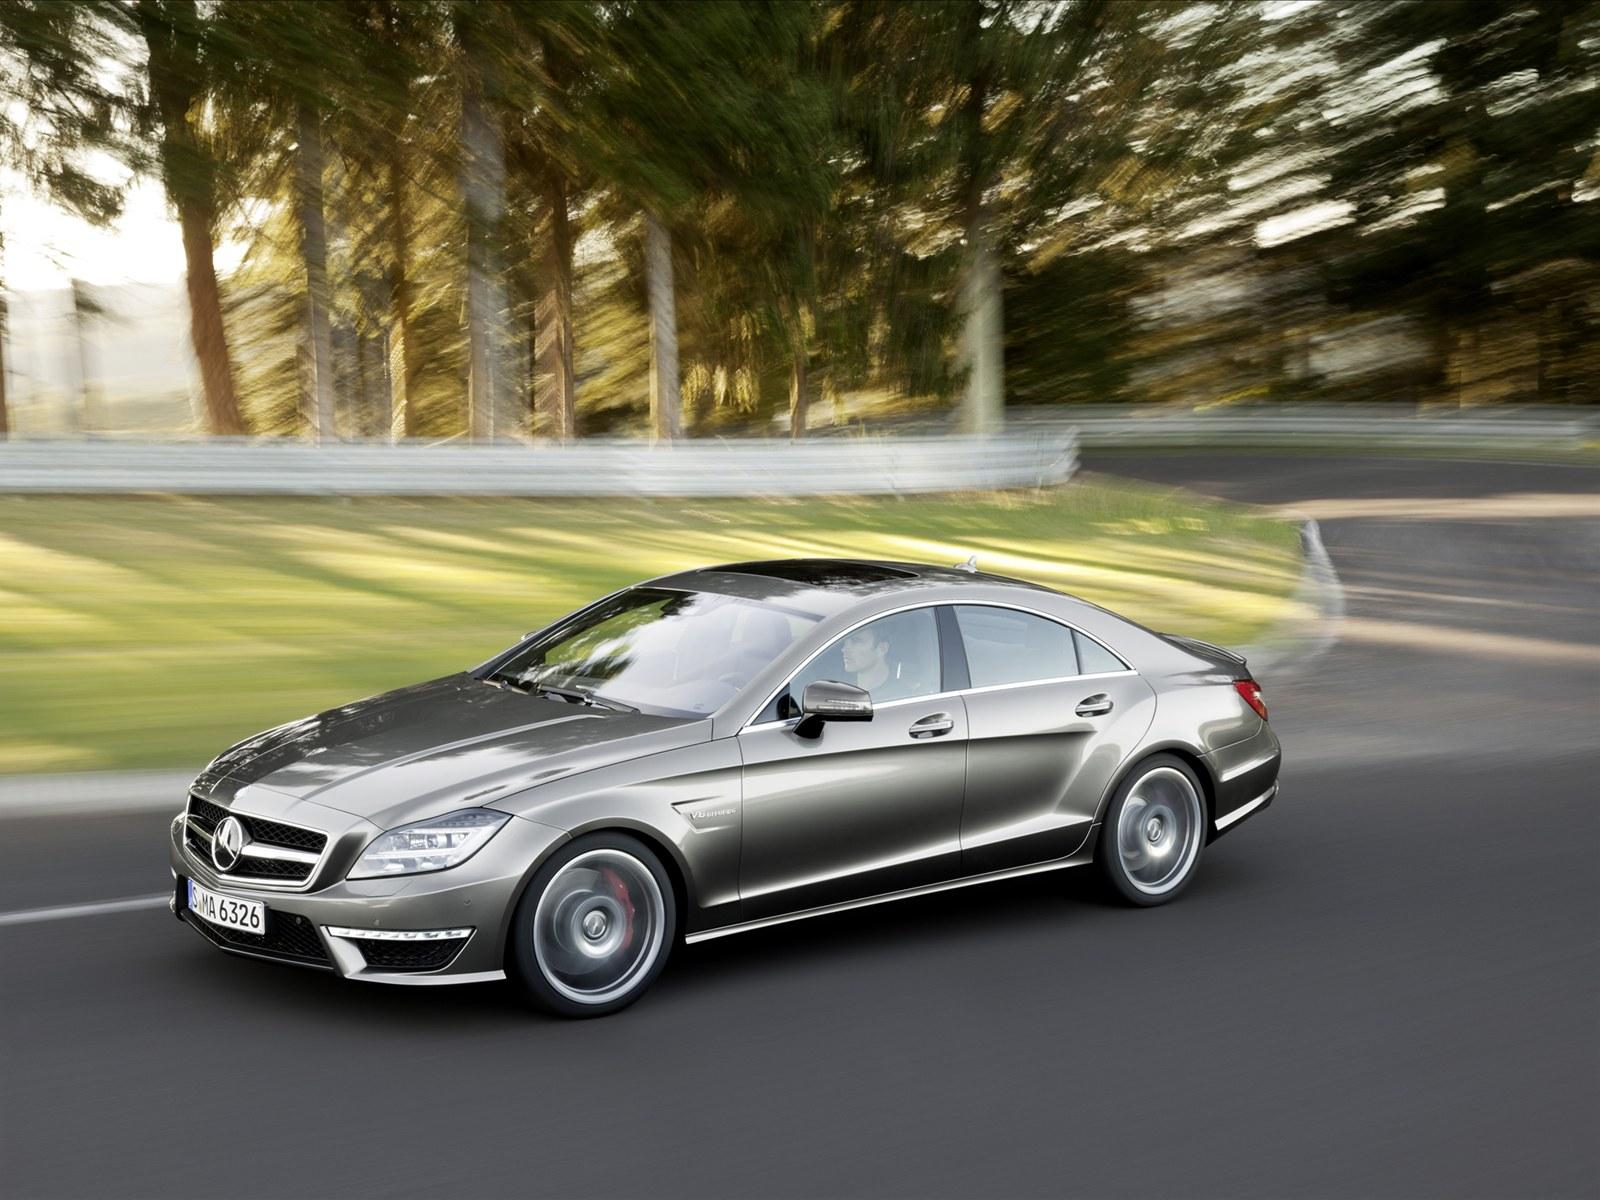 http://2.bp.blogspot.com/_L7TBxp3i-_I/TSwxCVy-v2I/AAAAAAAABG8/JzKX2jJPyVw/s1600/Mercedes-Benz-CLS63-AMG-2012-wallpaper.jpg